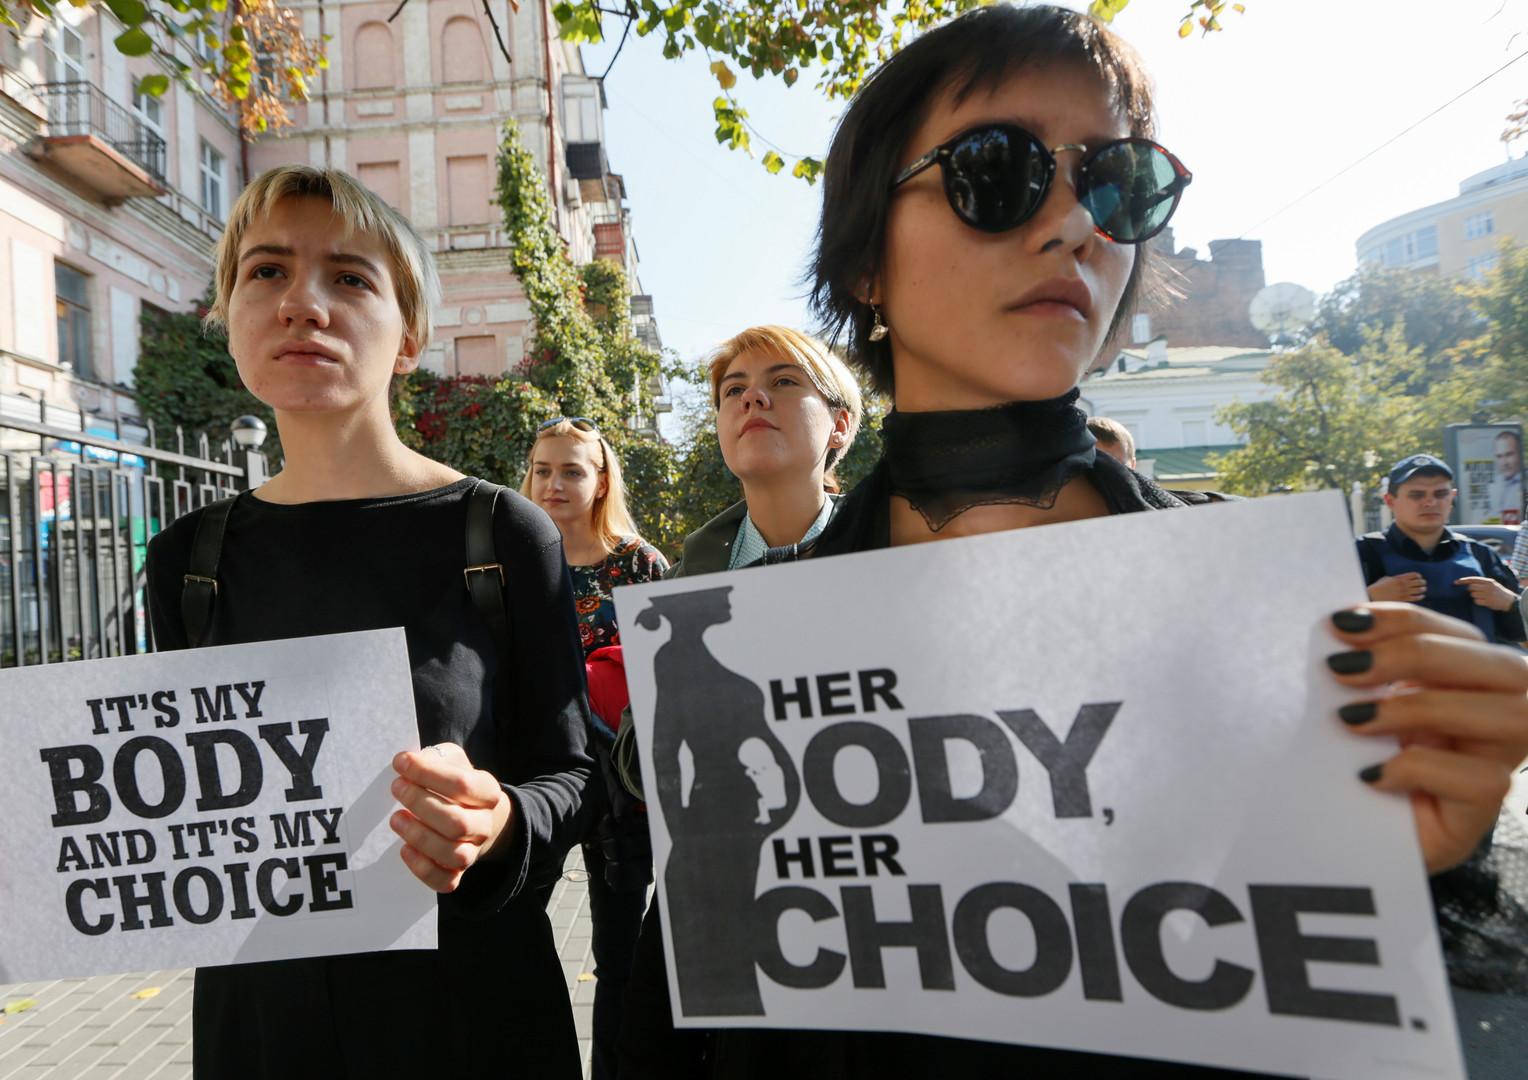 احتجاجات بالآلاف في بولندا ضد قانون منع الإجهاض بالكامل/ رويتزر